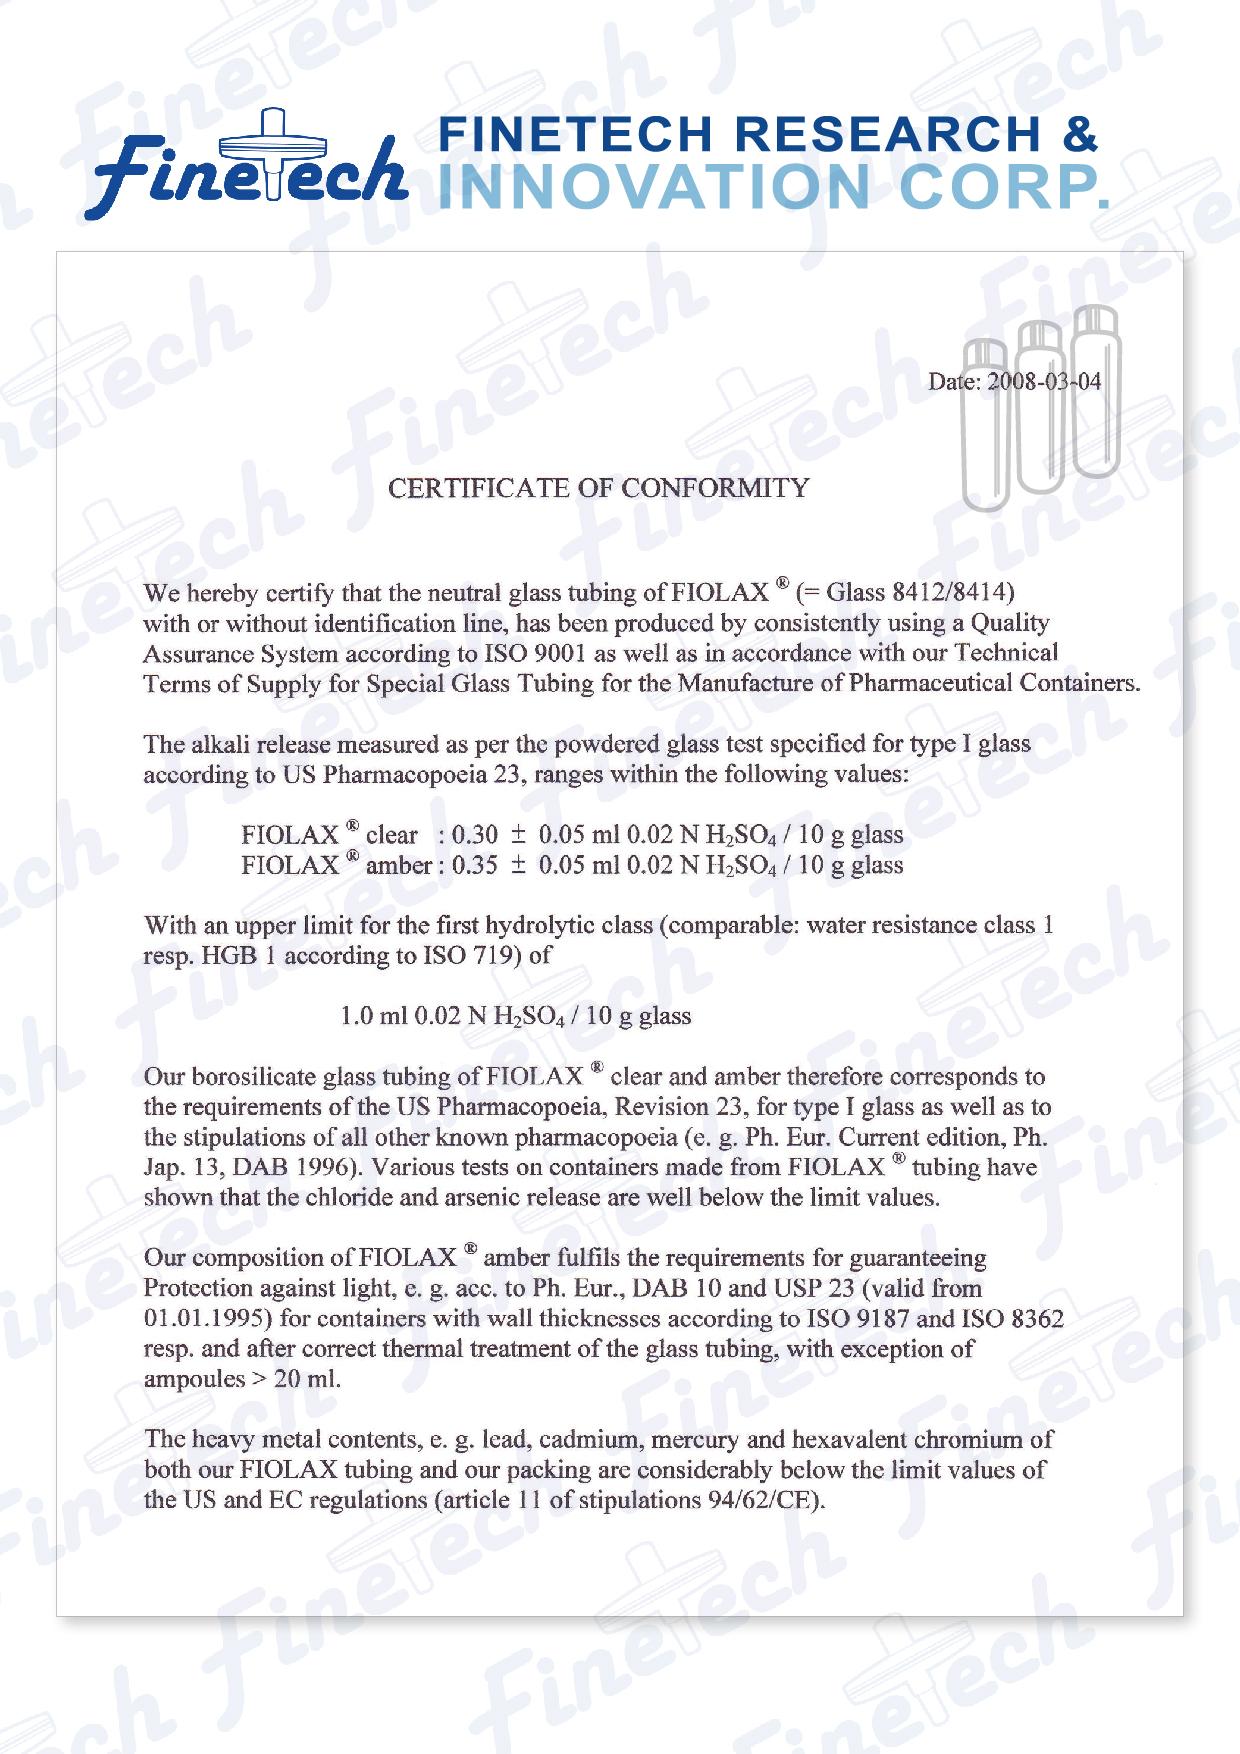 美國藥典第一級水解玻璃認證